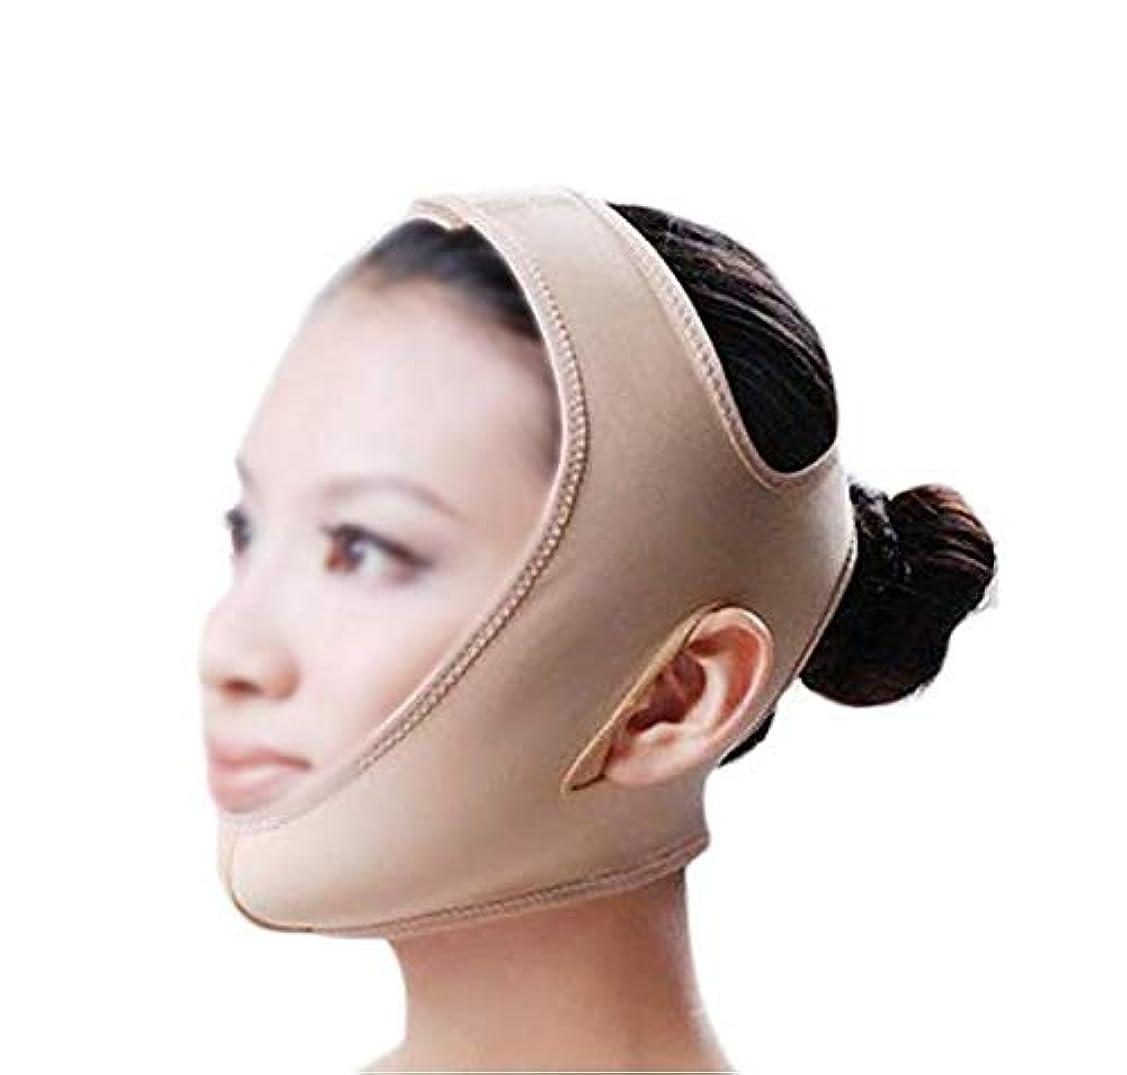 応用徹底的にの前でTLMY 引き締めマスクマスクフェイシャルマスク美容薬マスク美容V顔包帯ライン彫刻引き締めしっかりした二重あごマスク 顔用整形マスク (Size : S)